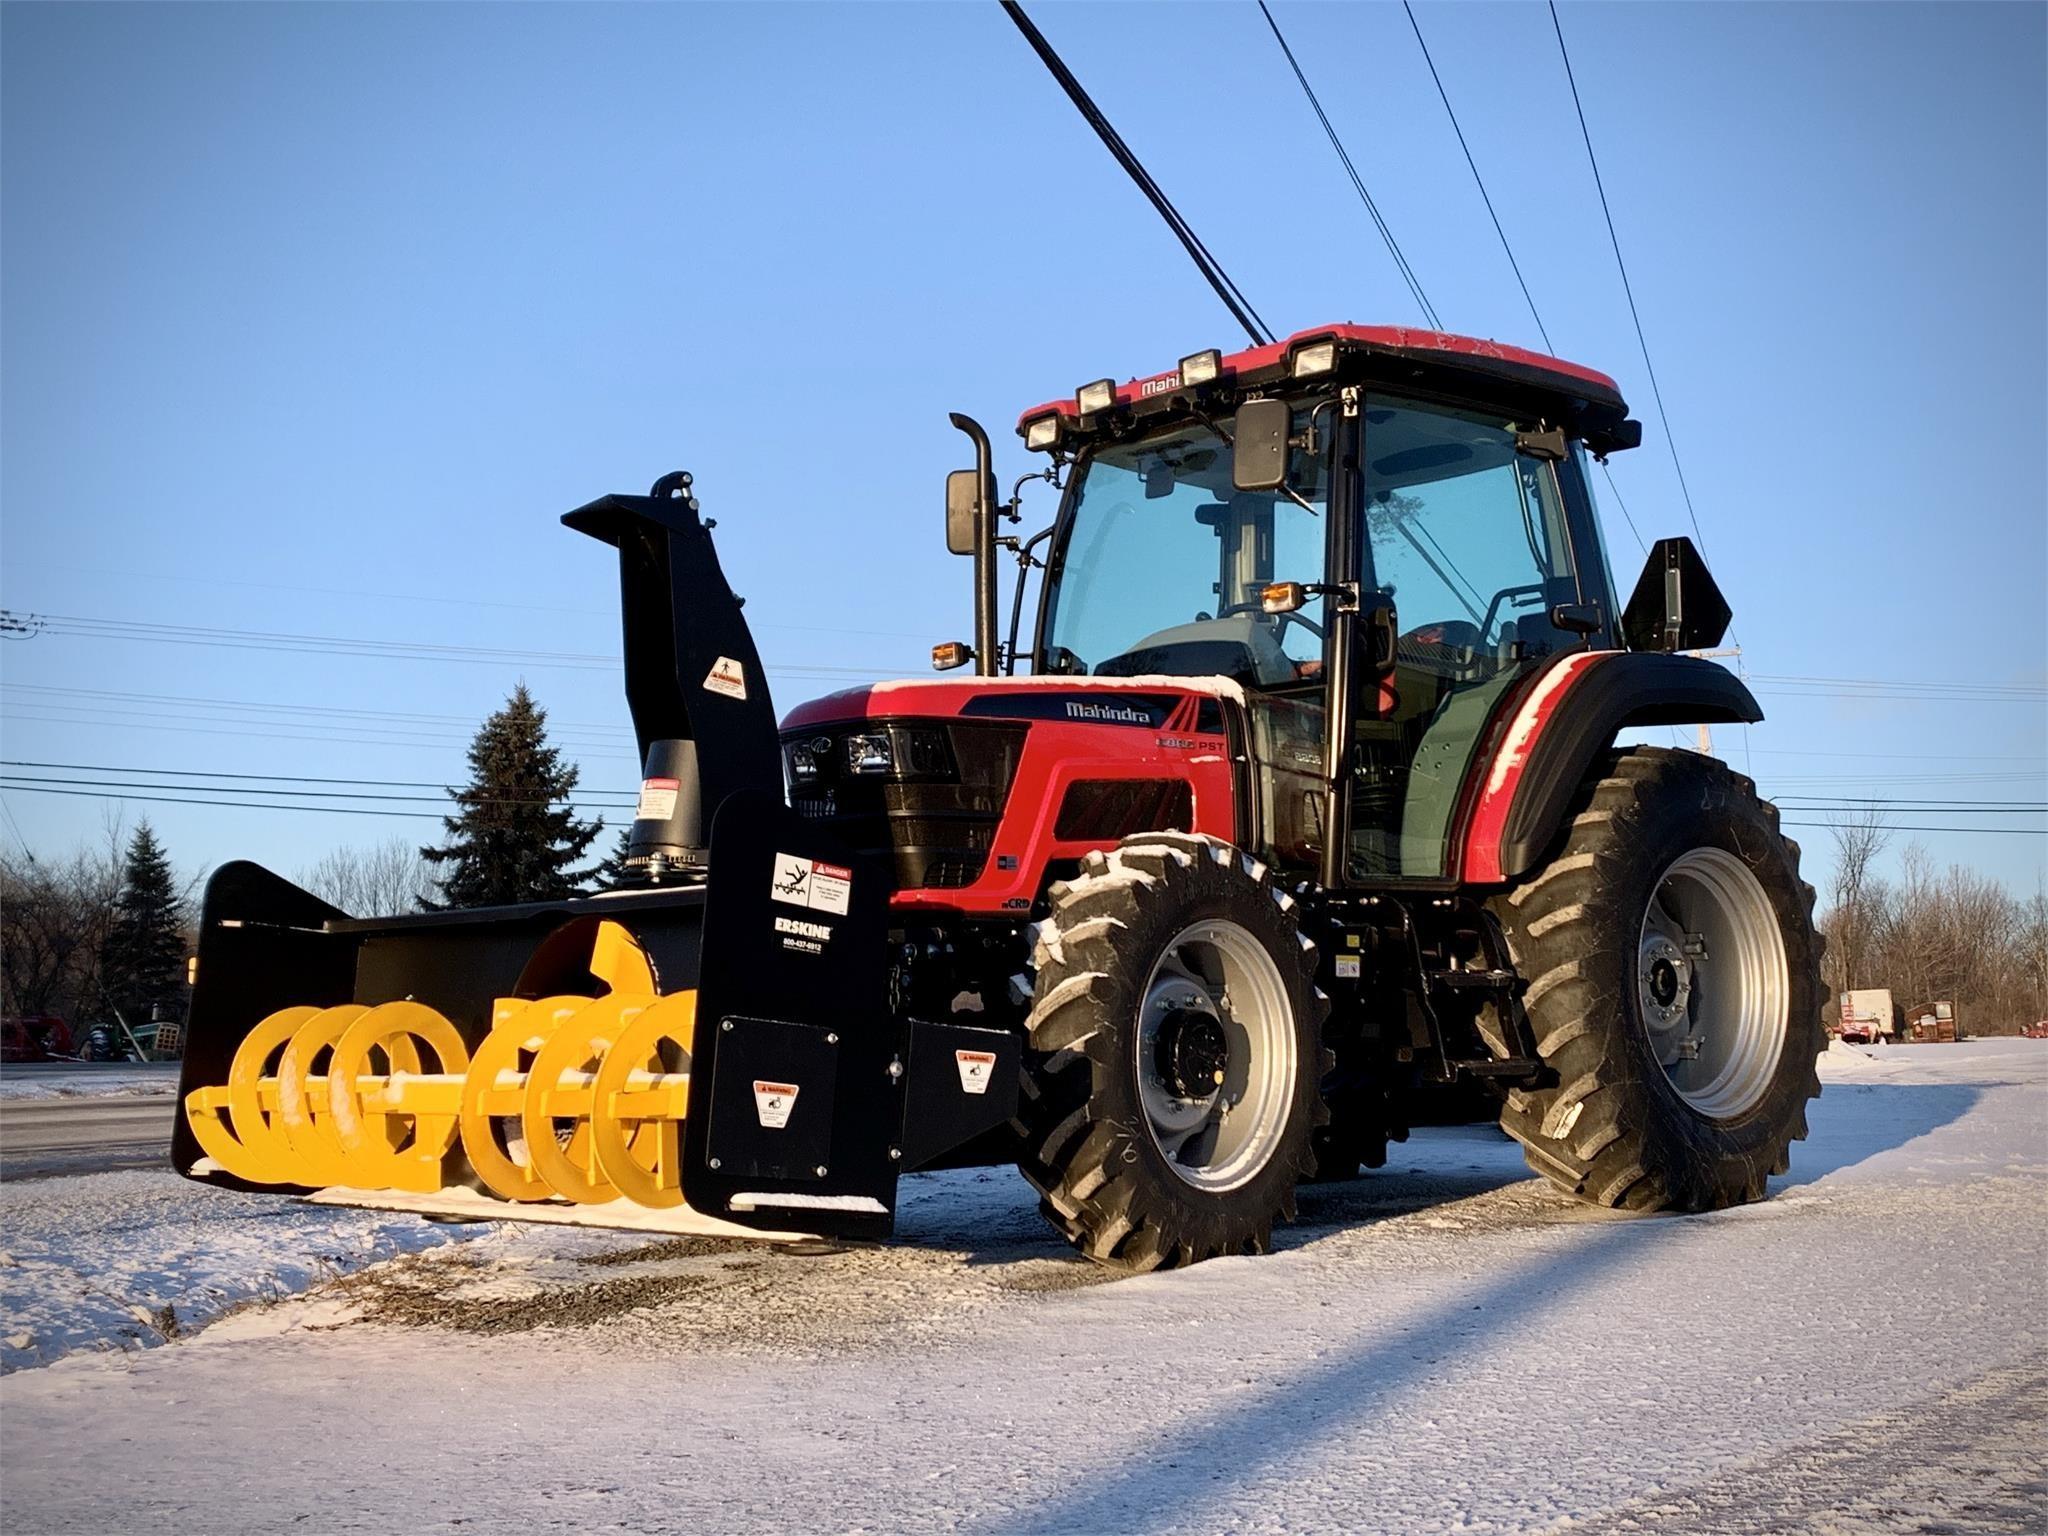 2020 Mahindra 6065 Tractor